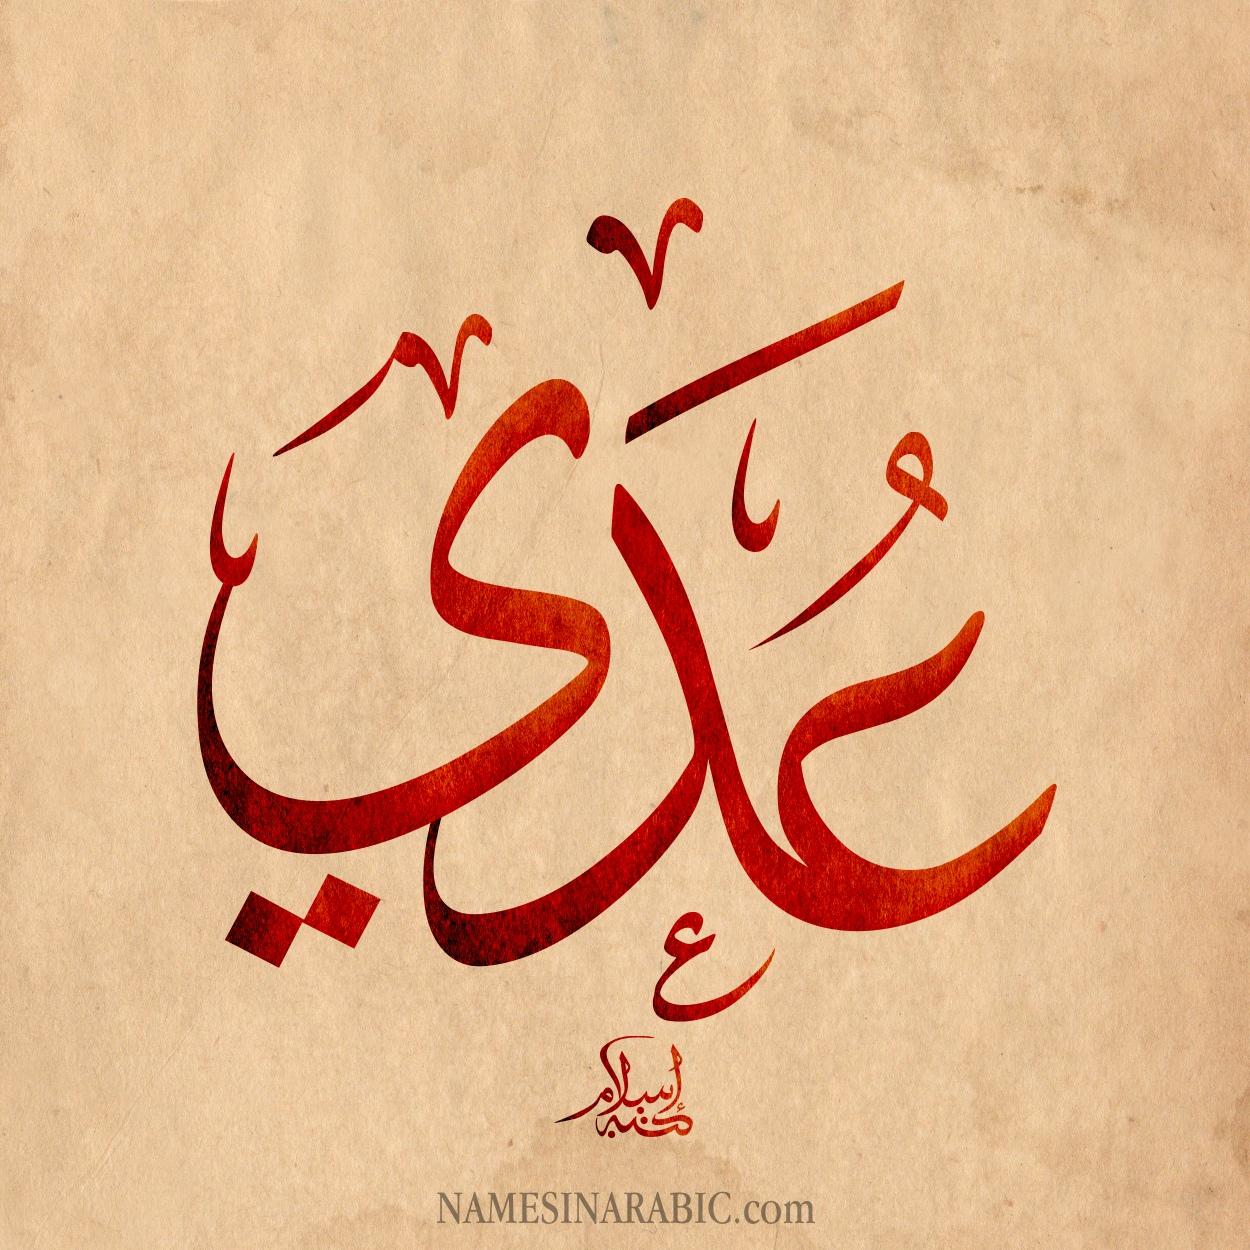 صورة اسم عَدِيّ AADEI اسم عَدِيّ بالخط العربي من موقع الأسماء بالخط العربي بريشة الفنان إسلام ابن الفضل